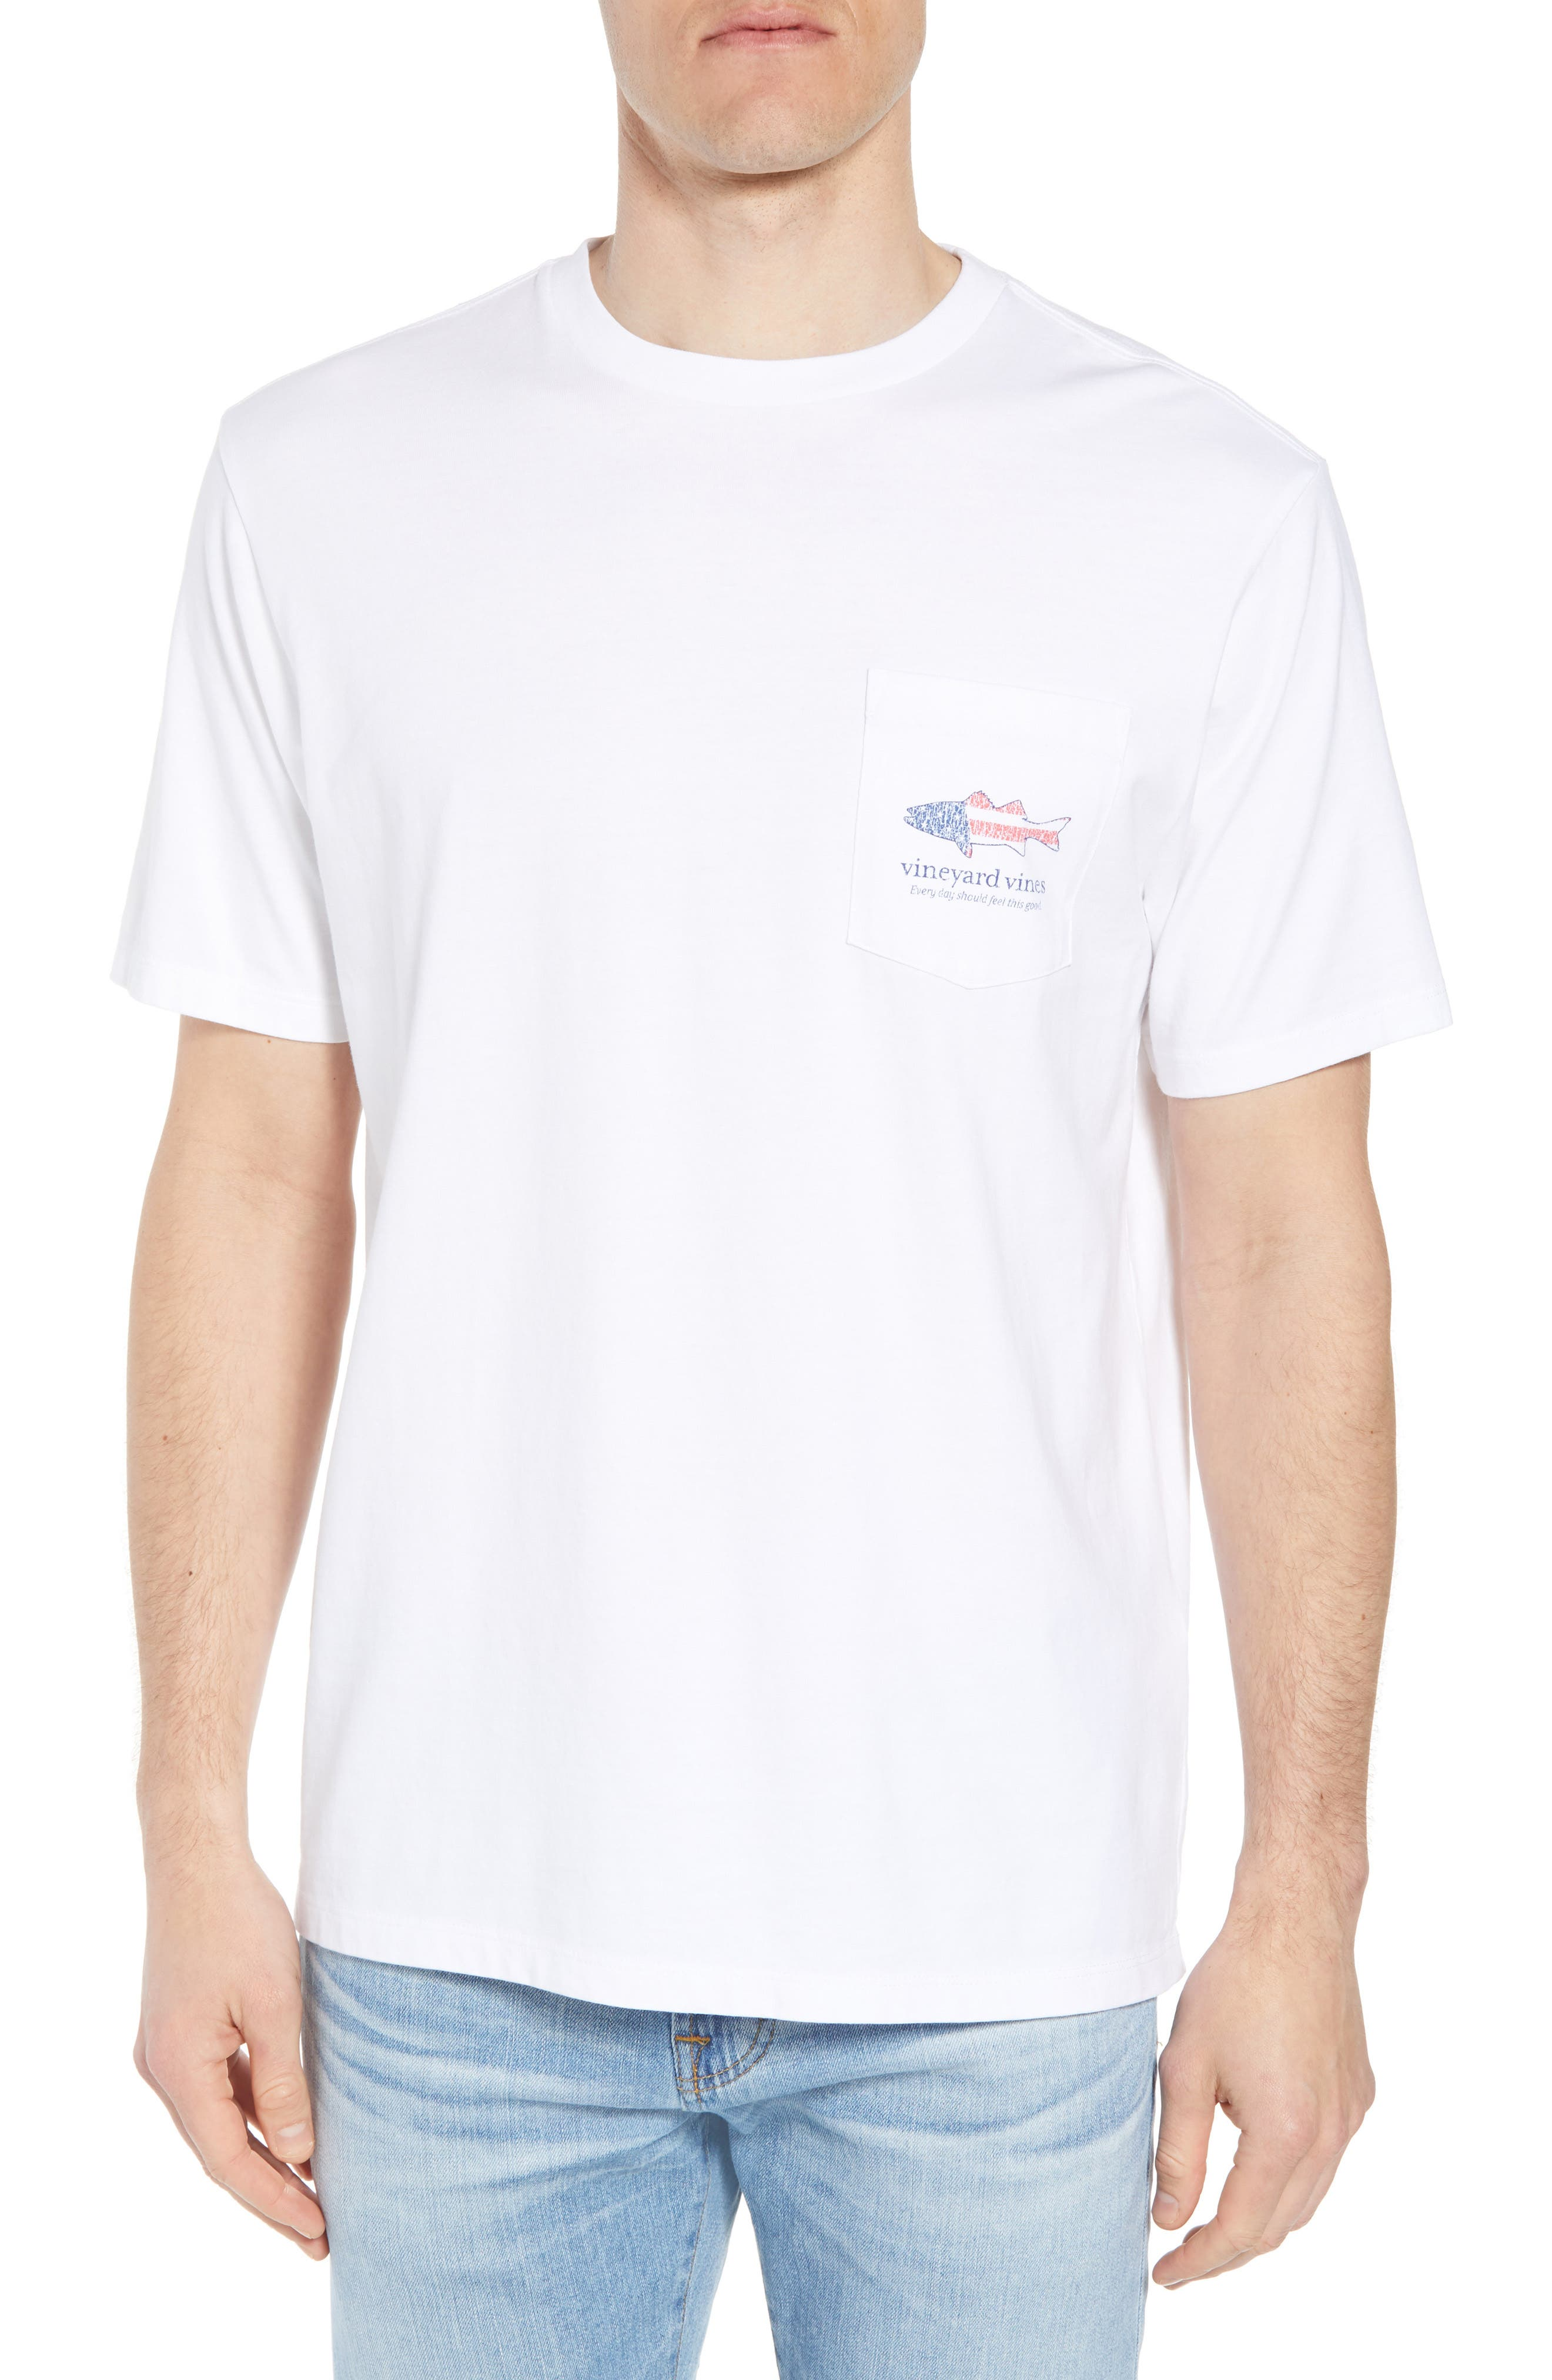 Grouper Flat Crewneck T-Shirt,                         Main,                         color, White Cap